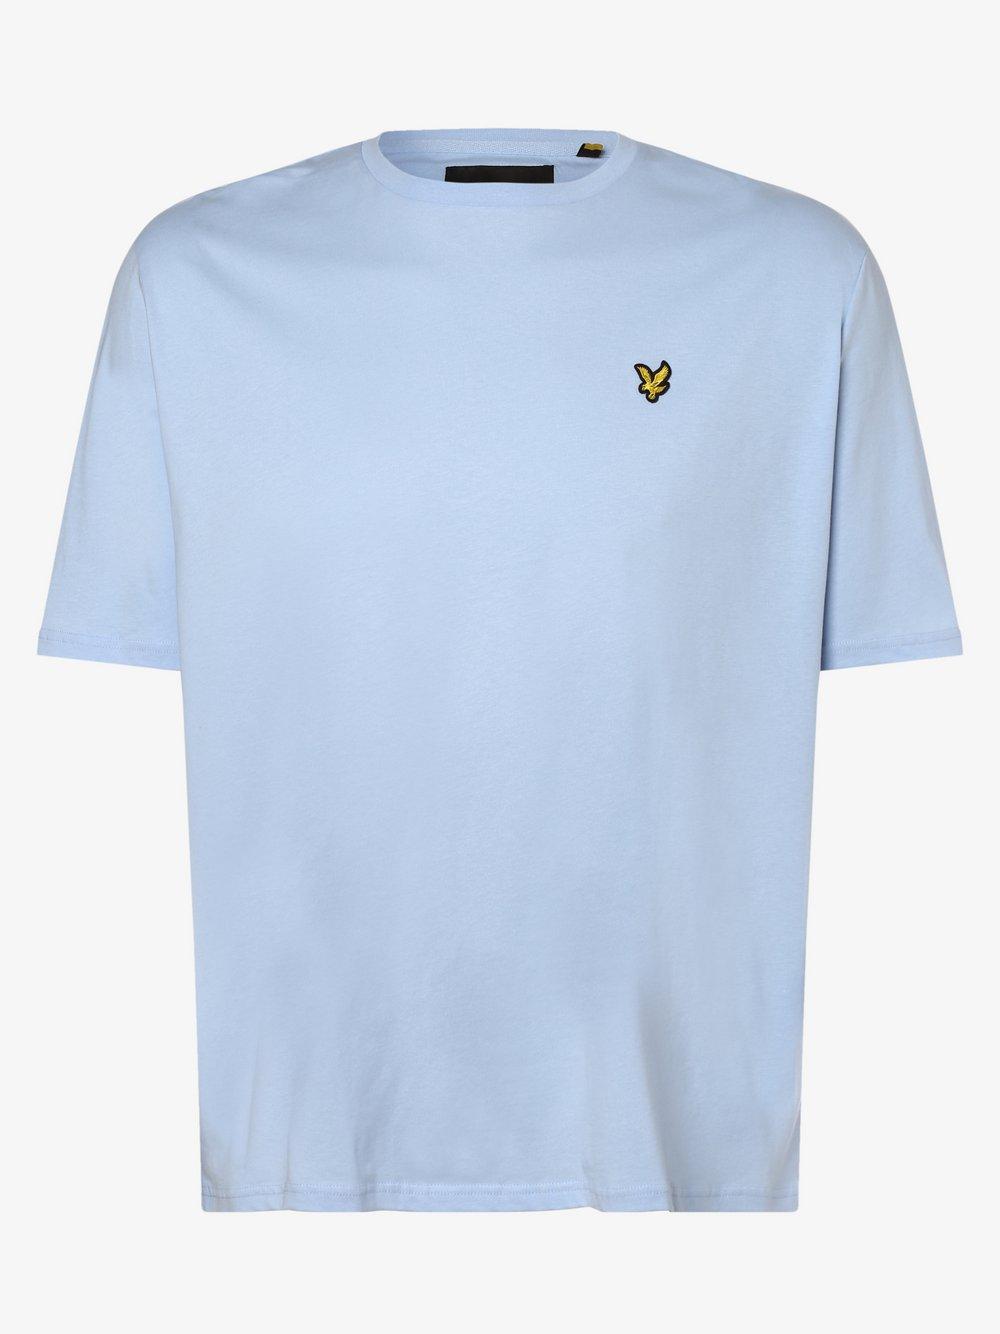 Lyle & Scott – T-shirt męski, niebieski Van Graaf 469804-0004